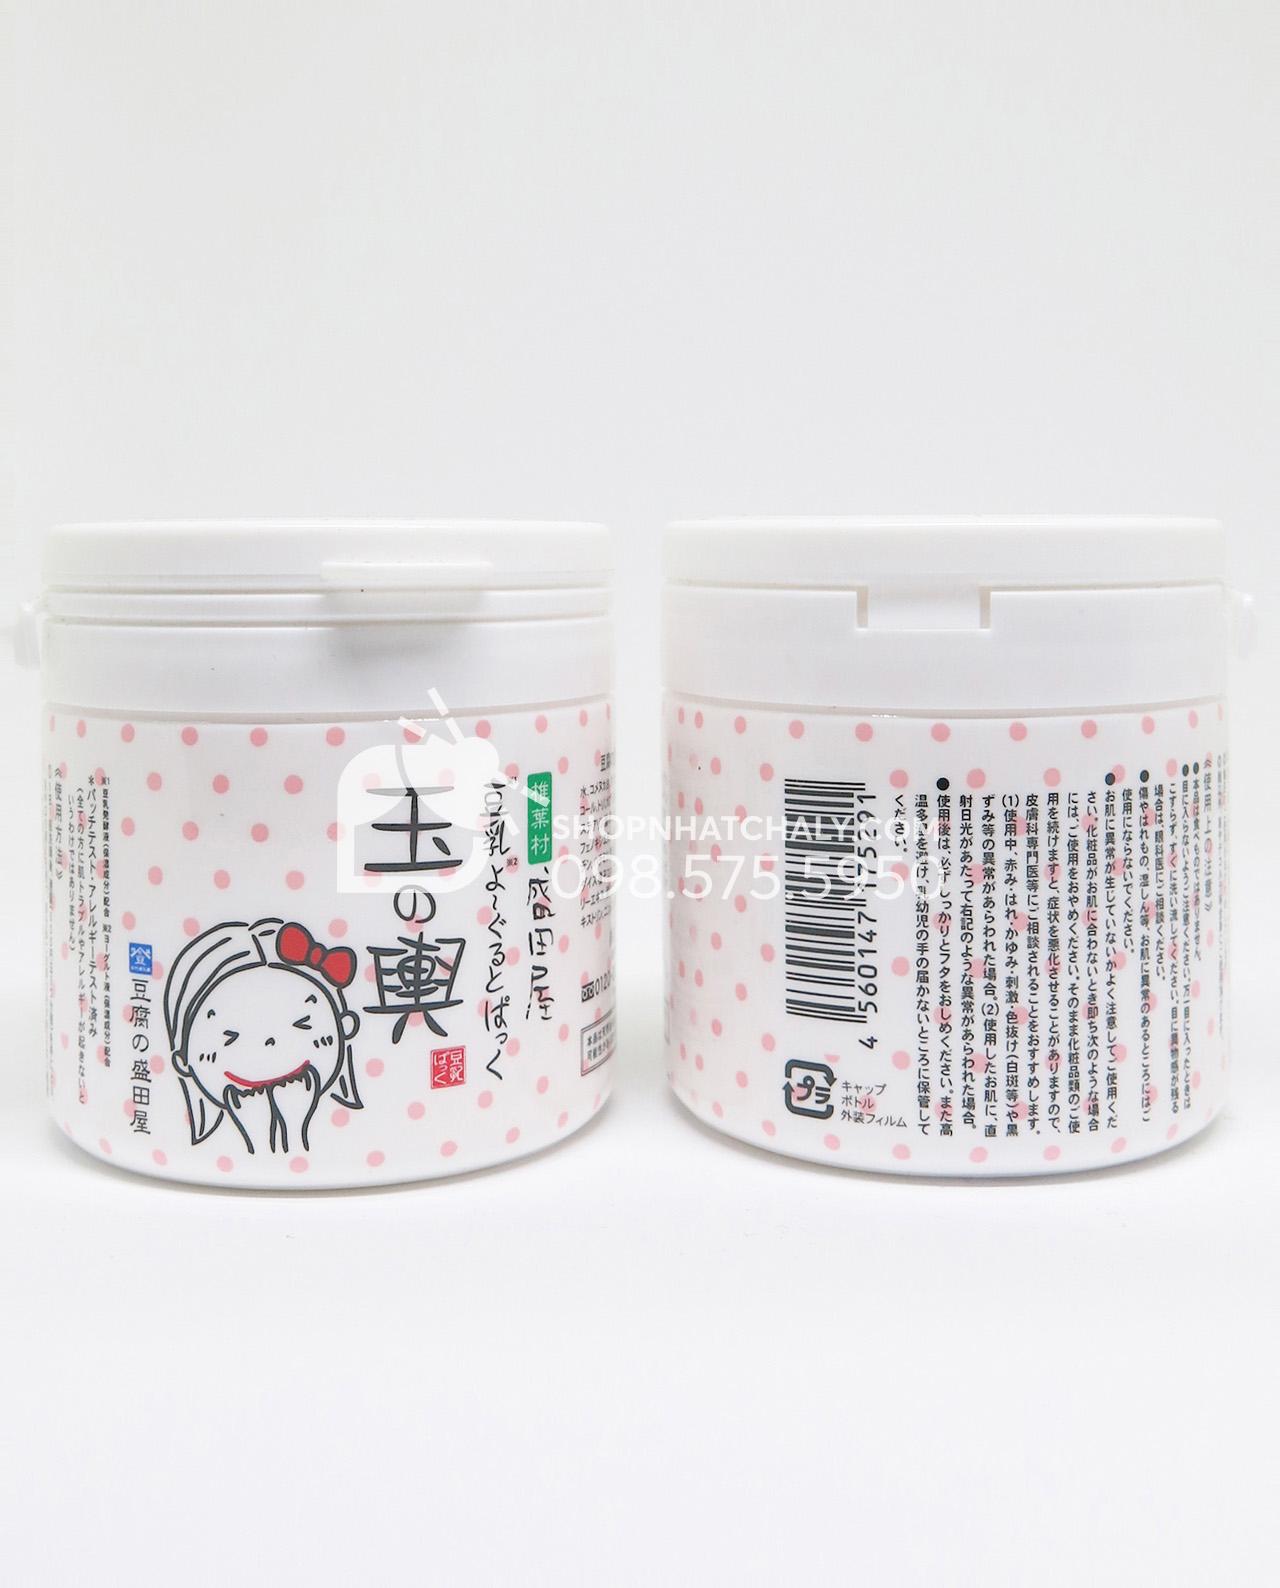 Thành phần đậu phụ tự nhiên cũng như các thành phần dưỡng da khác đều được giới thiệu đầy đủ sau mỗi hộp Mặt nạ Tofu Moritaya